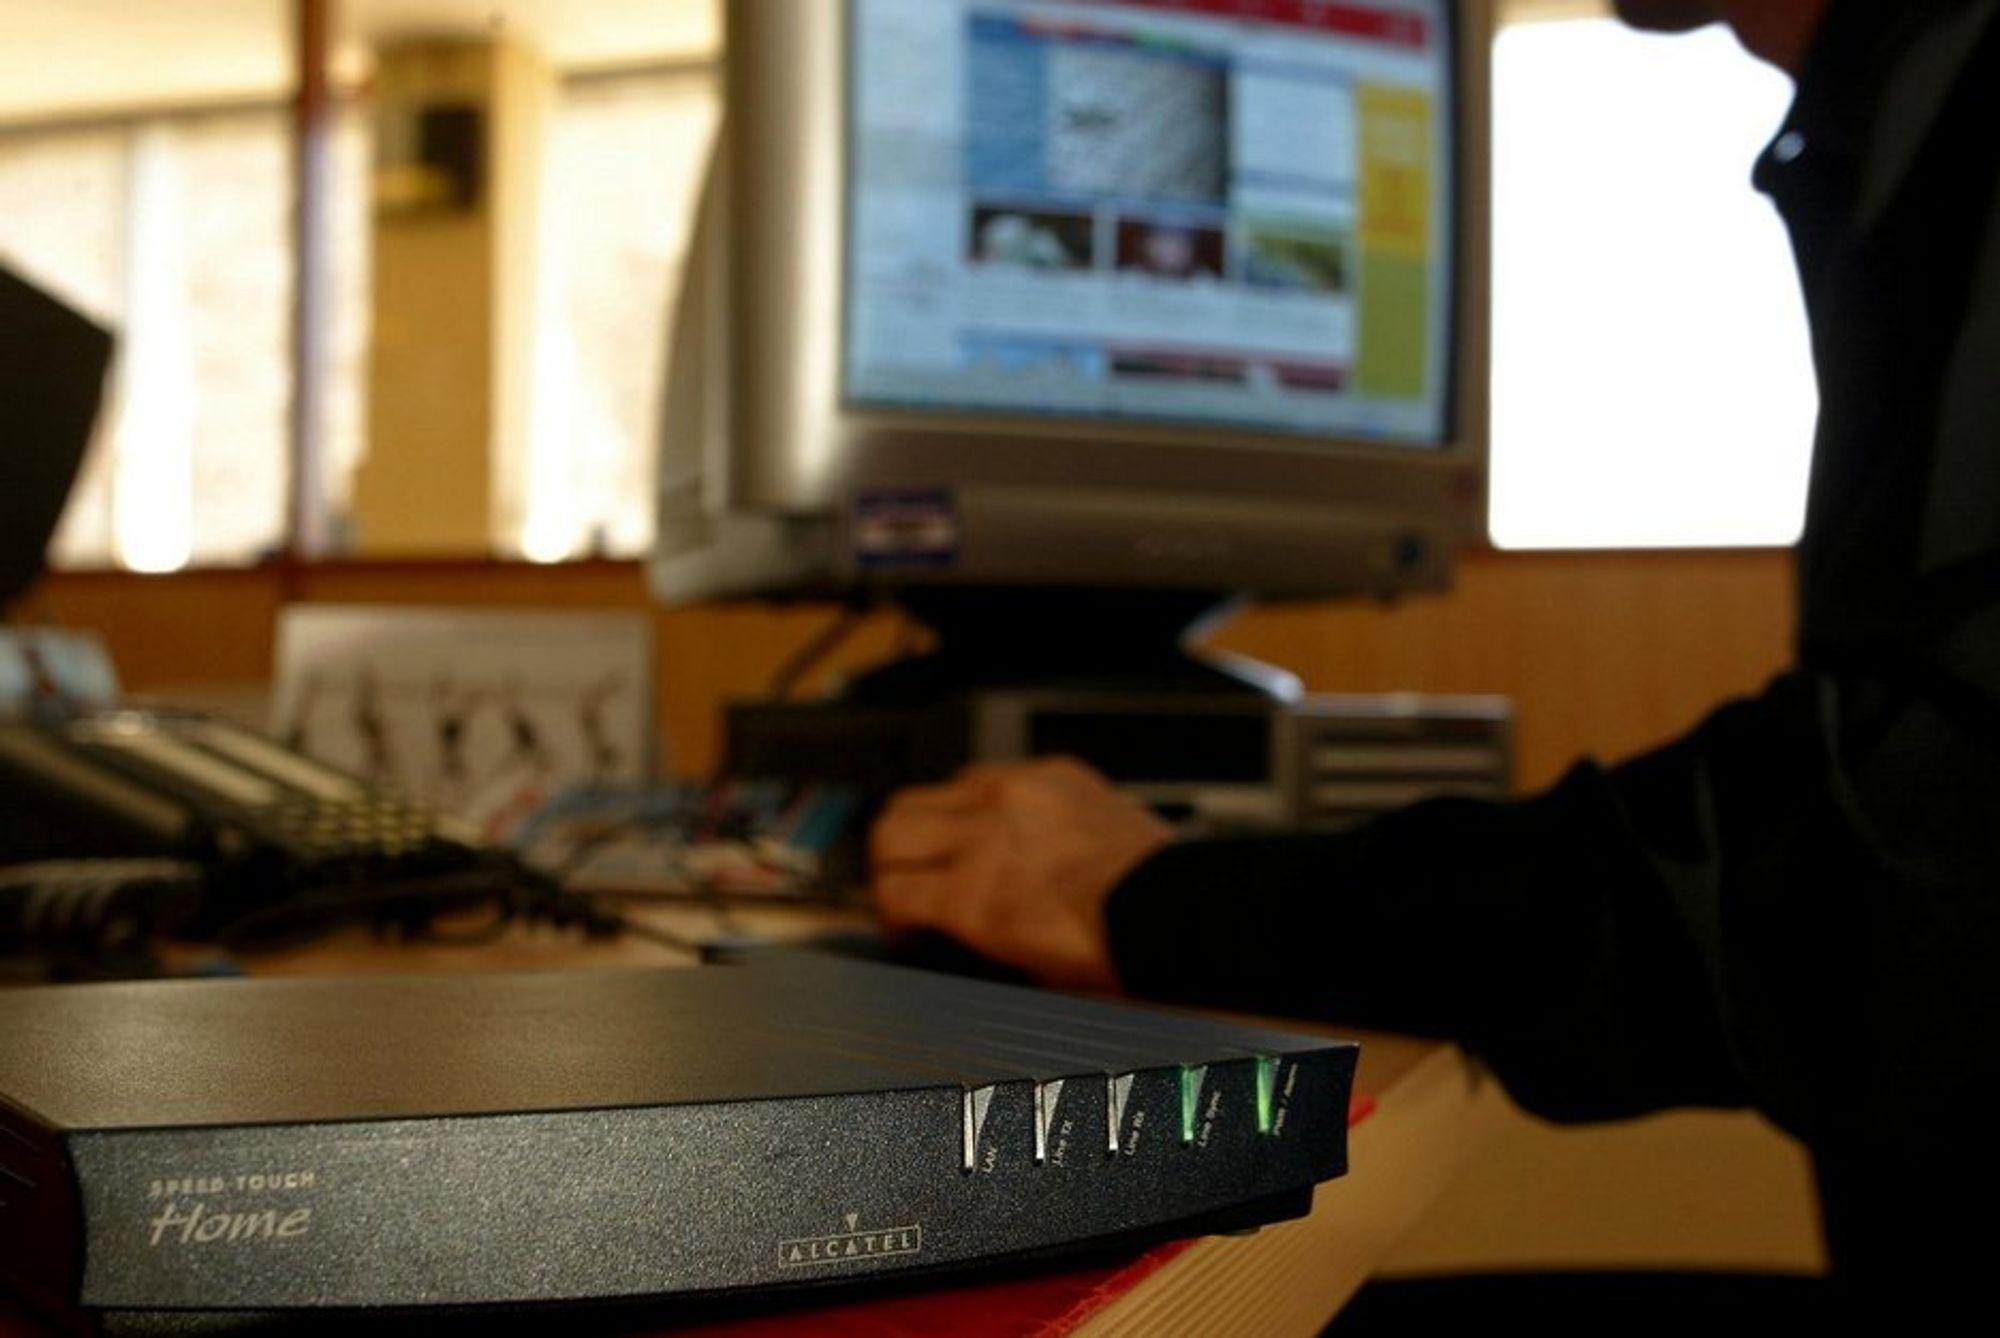 Bredbånd, datamaskin, adsl, modem, internettsurfing.